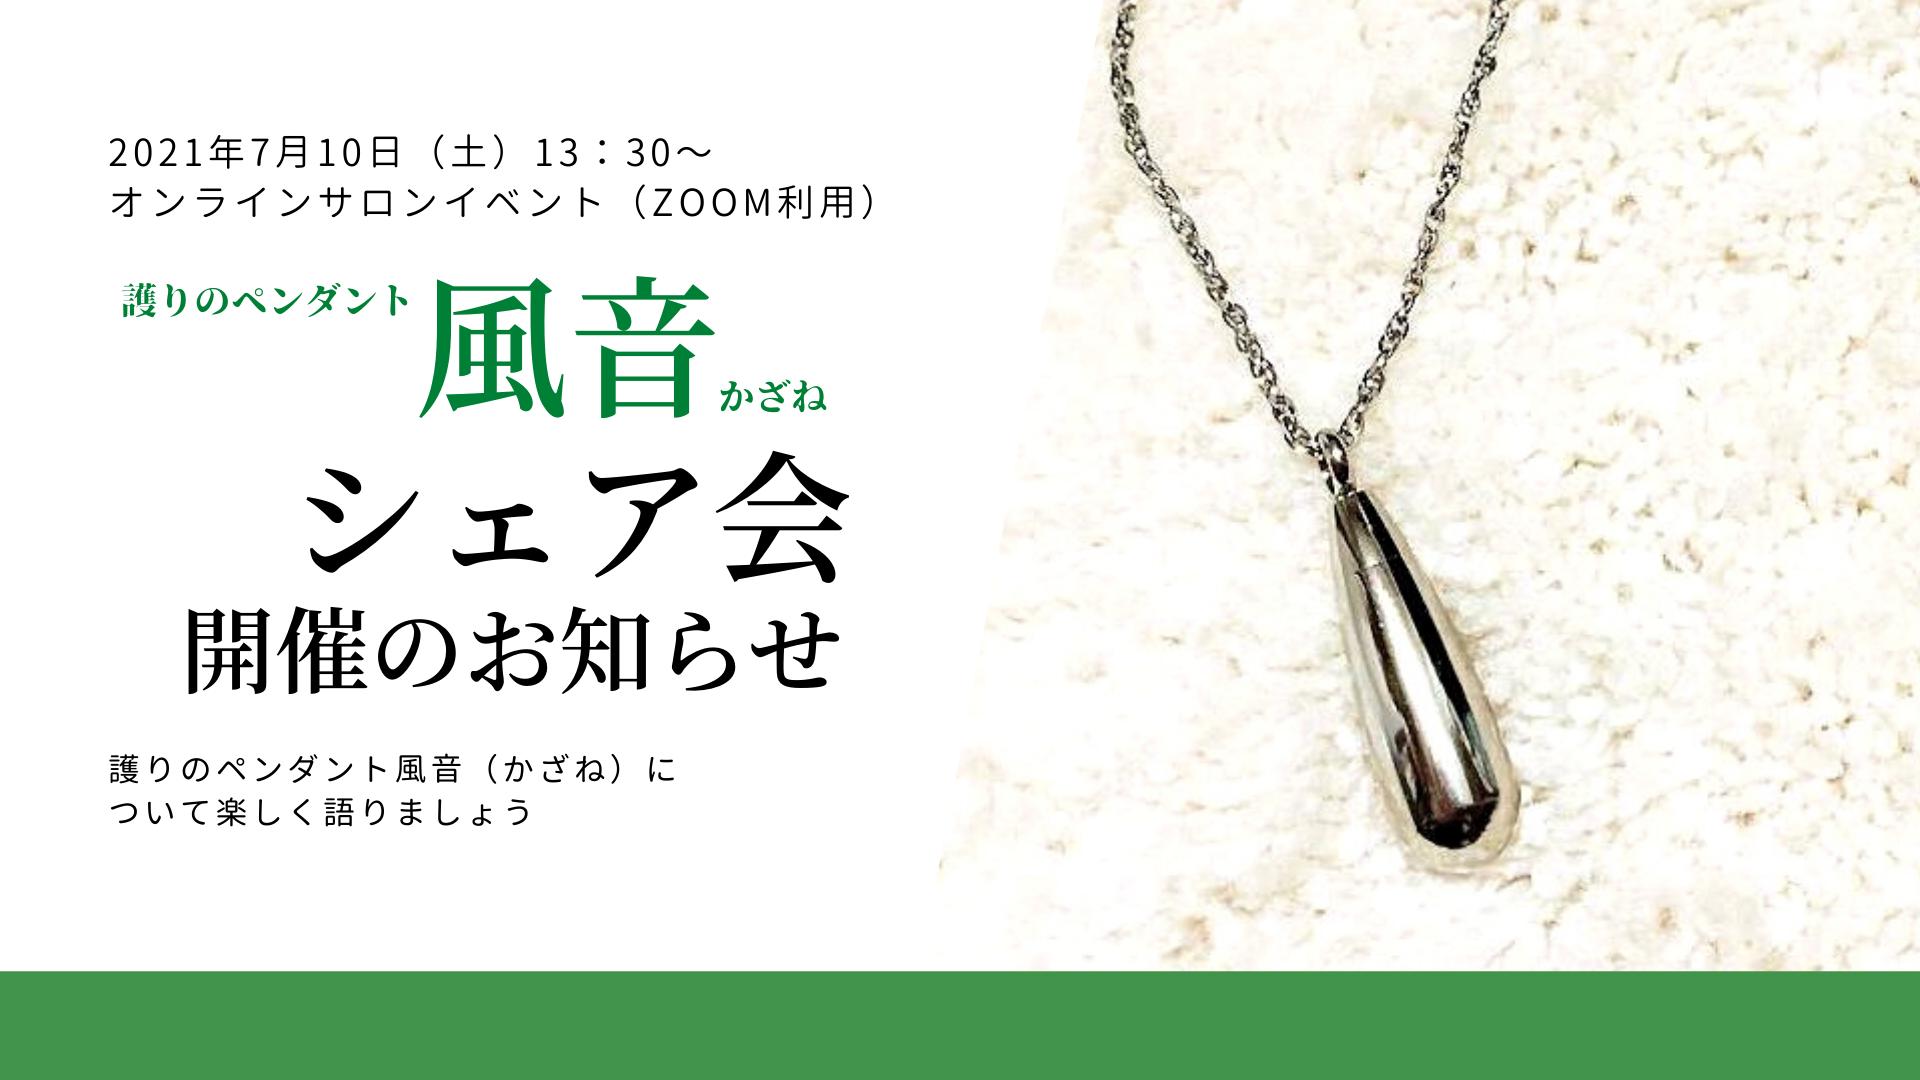 2021年7月10日(土)13時半〜「護りのペンダント 風音シェア会」明日開催です!